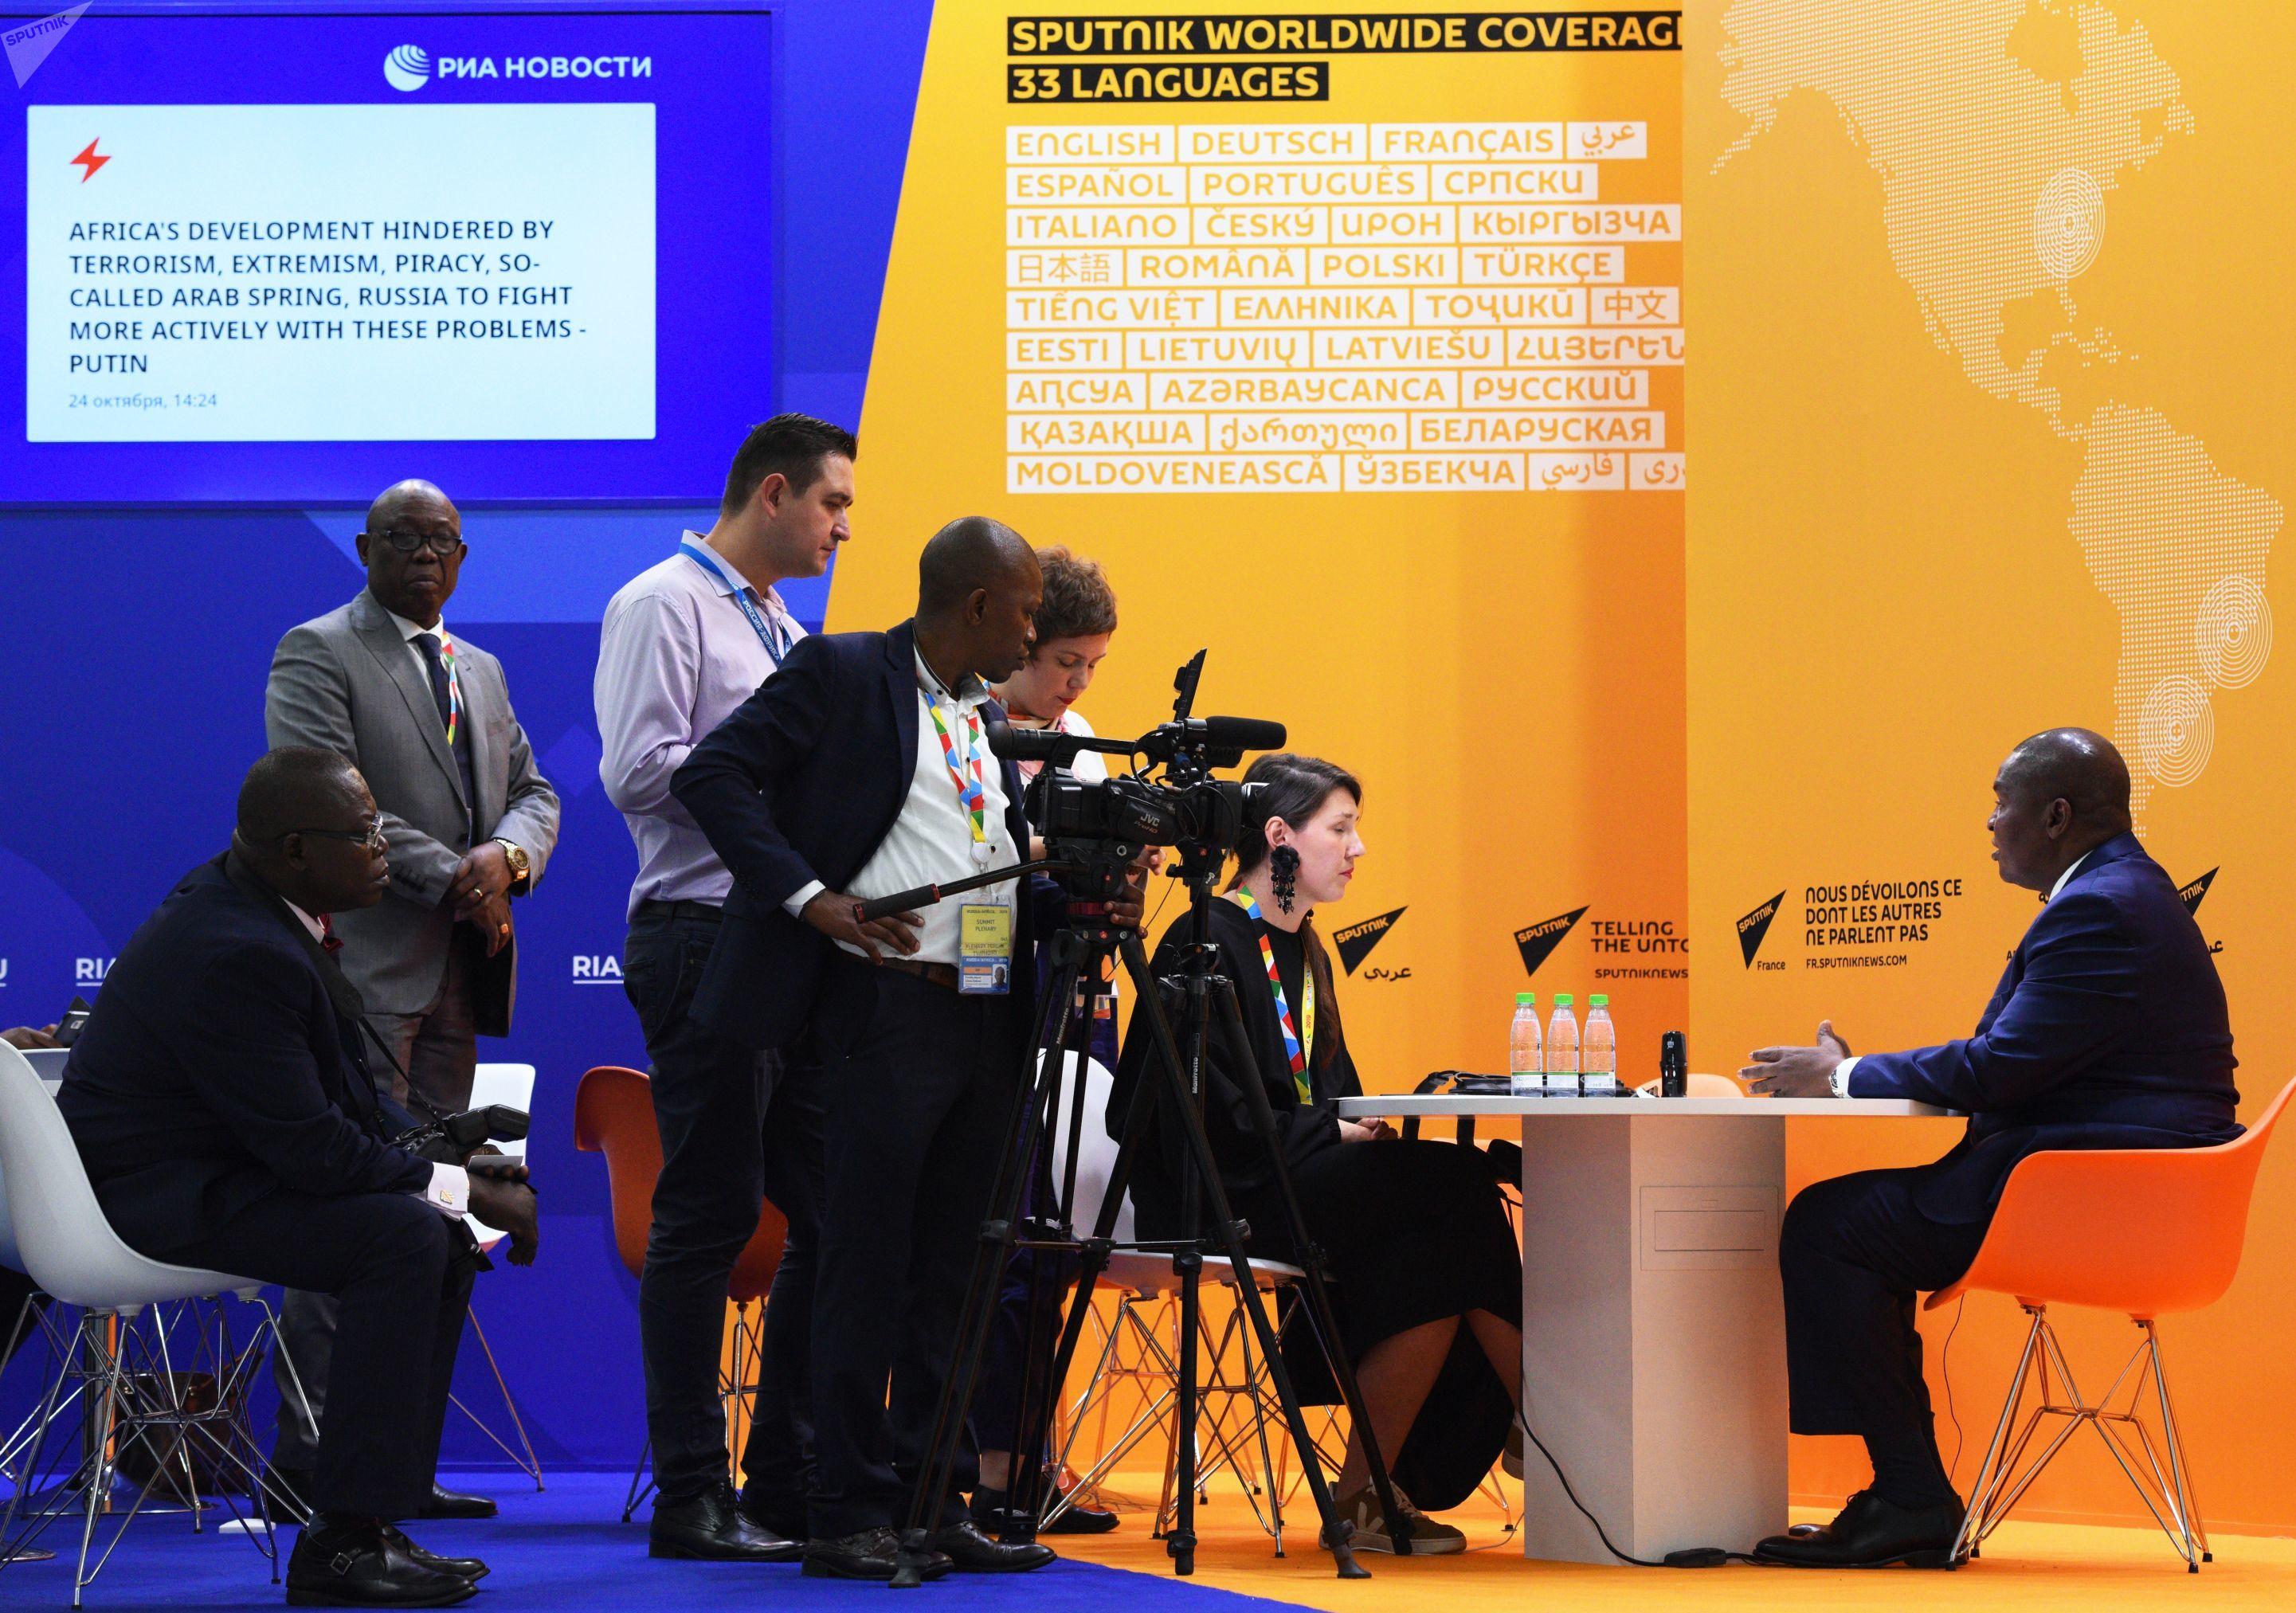 Equipe da Sputnik entrevista presidente da República Centro-Africana, Faustin-Archange Touadéra, durante o Fórum Rússia-África, em 24 de outubro de 2019